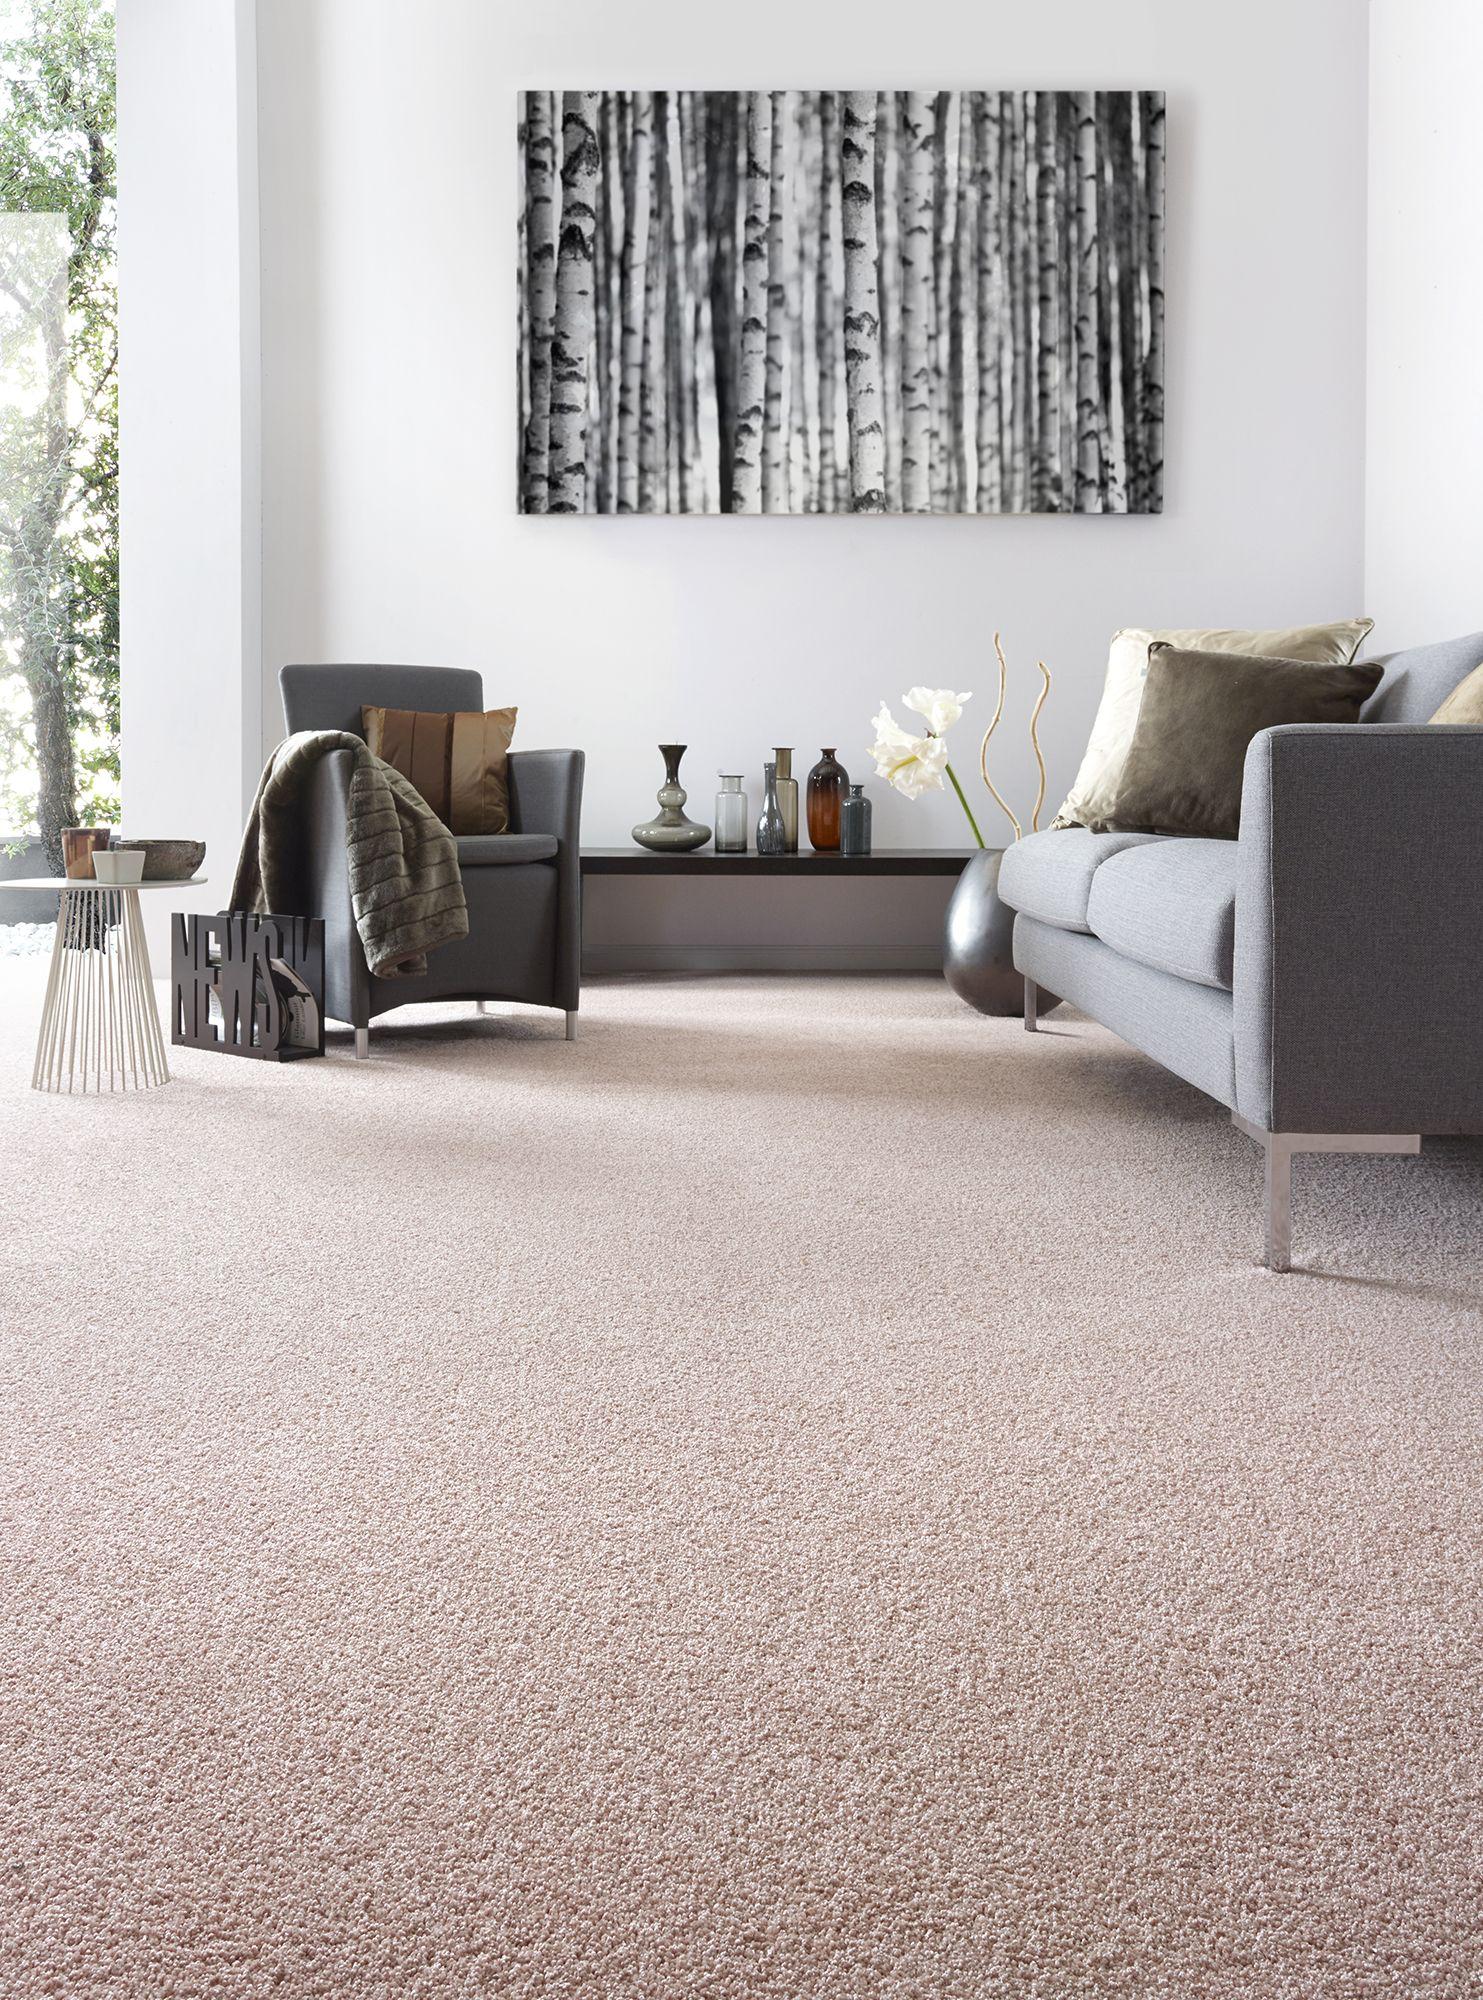 Interfloor tapijt